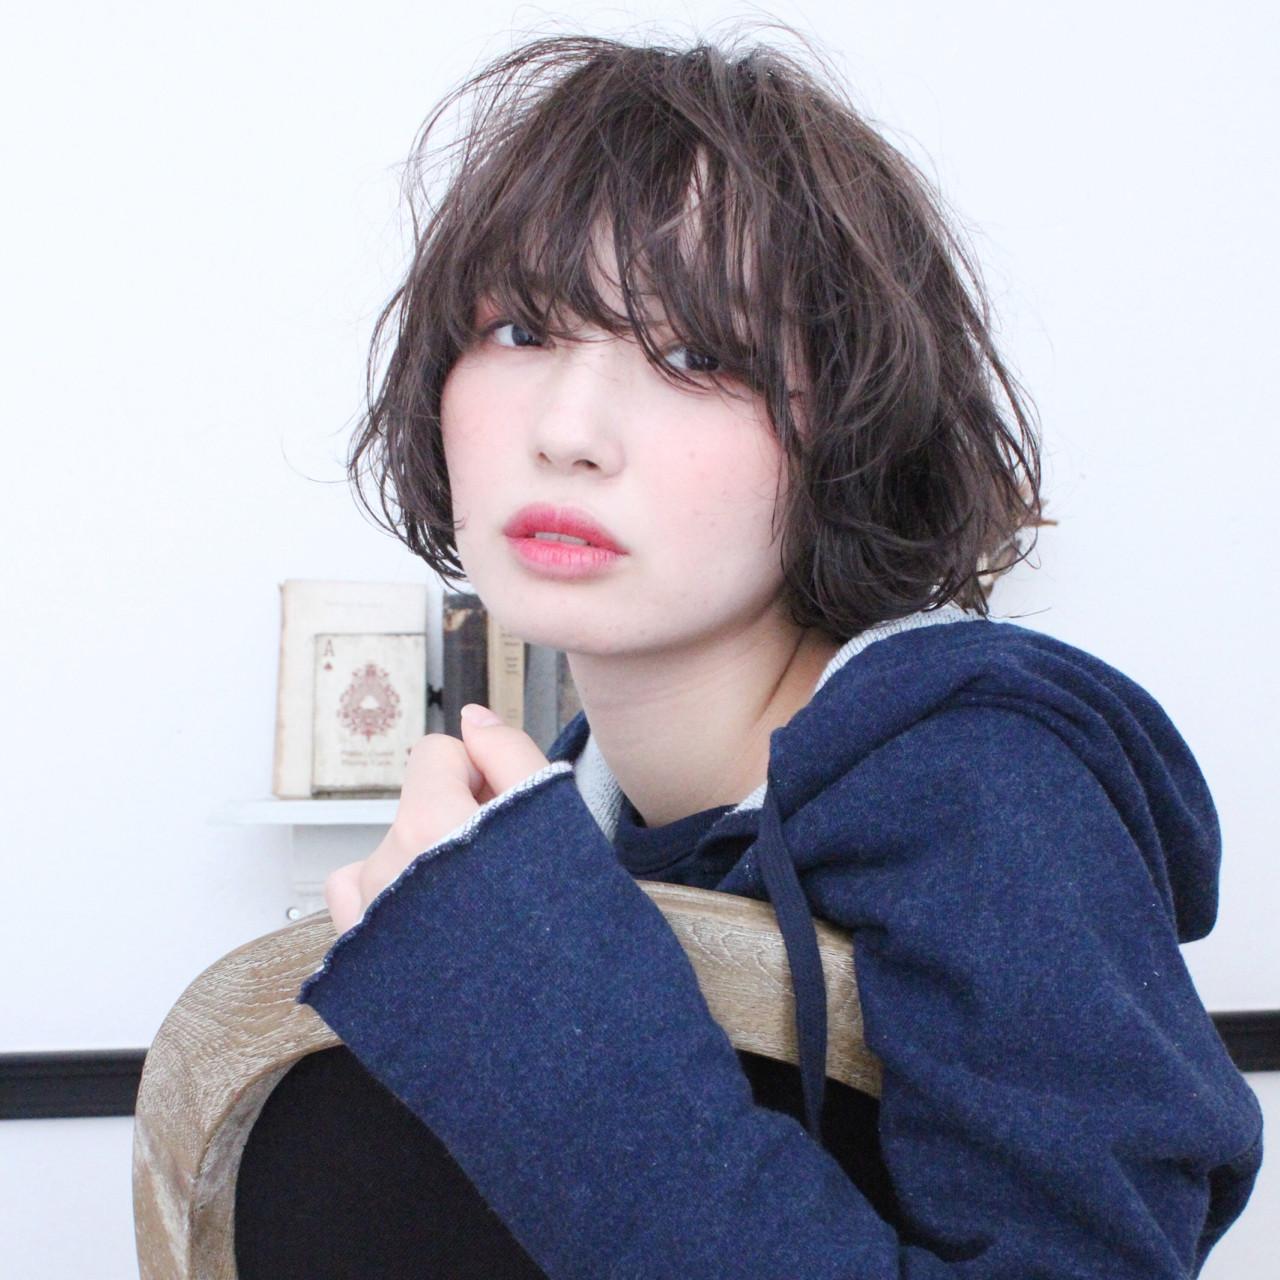 色気 ショート アッシュ パーマ ヘアスタイルや髪型の写真・画像